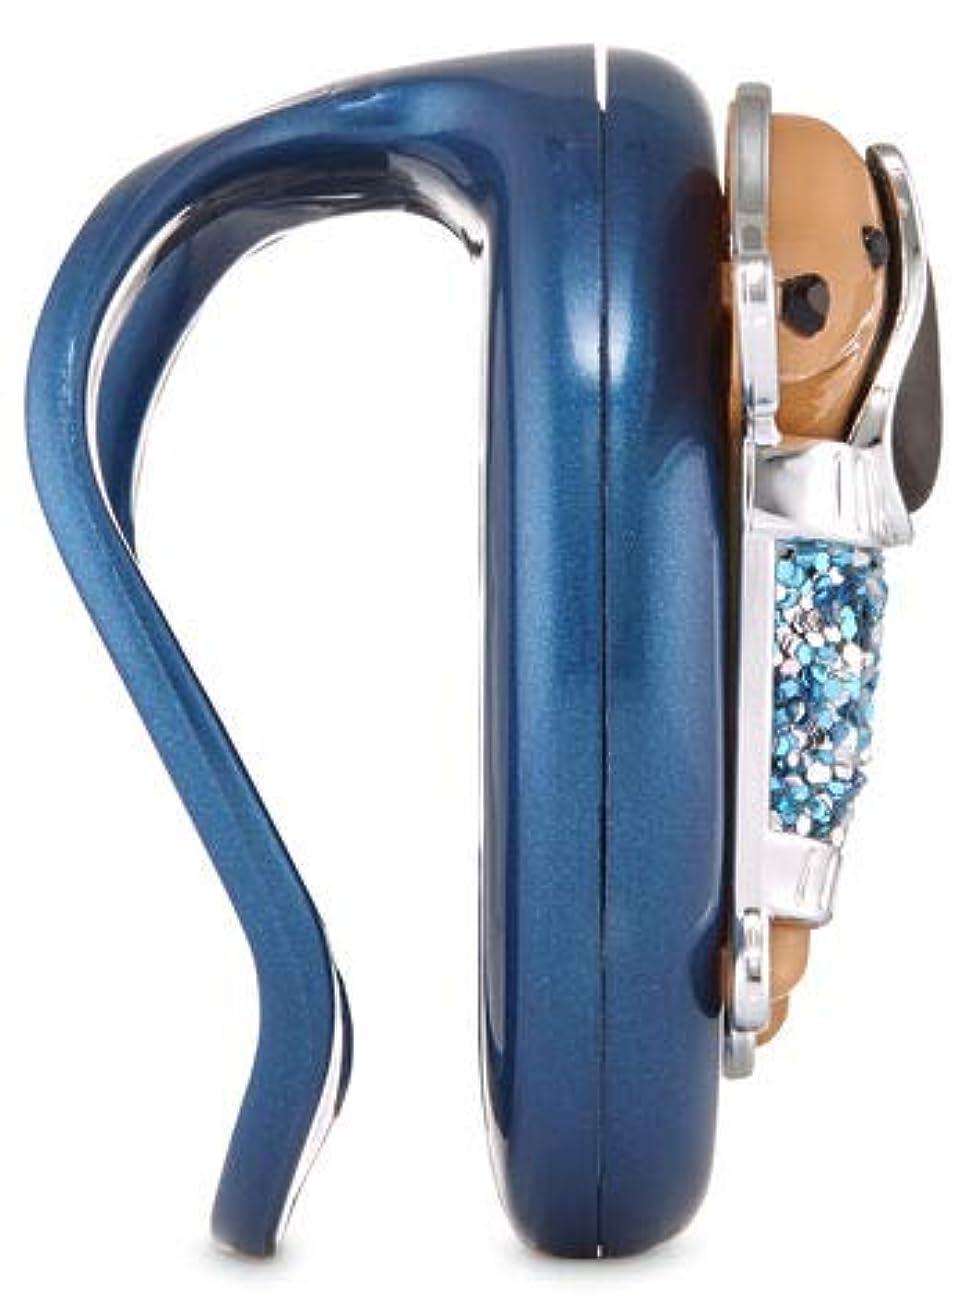 受粉する補正関与する【Bath&Body Works/バス&ボディワークス】 クリップ式芳香剤 カーフレグランスホルダー セントポータブル ホルダー (本体ケースのみ) ドレッシーダックスフンド Scentportable Holder Dressy Dachshund Visor Clip [並行輸入品]